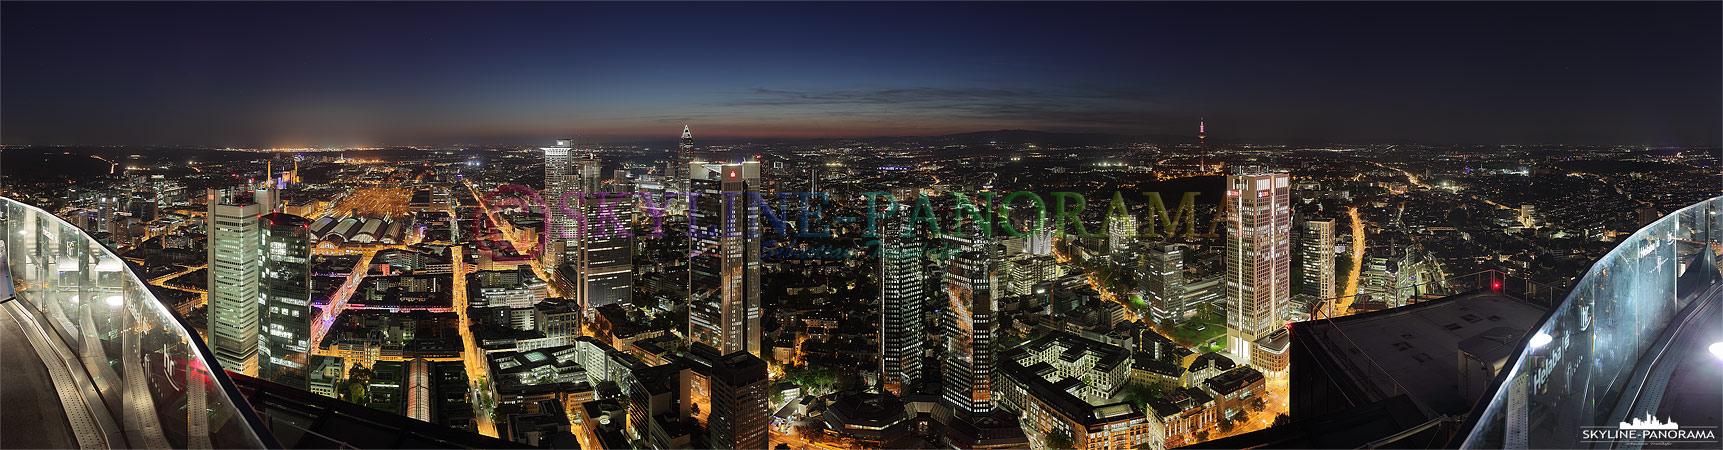 Frankfurt Skyline - Panorama vom Maintower mit dem abendlichen Ausblick in Richtung Westend kurz nach dem Sonnenuntergang.